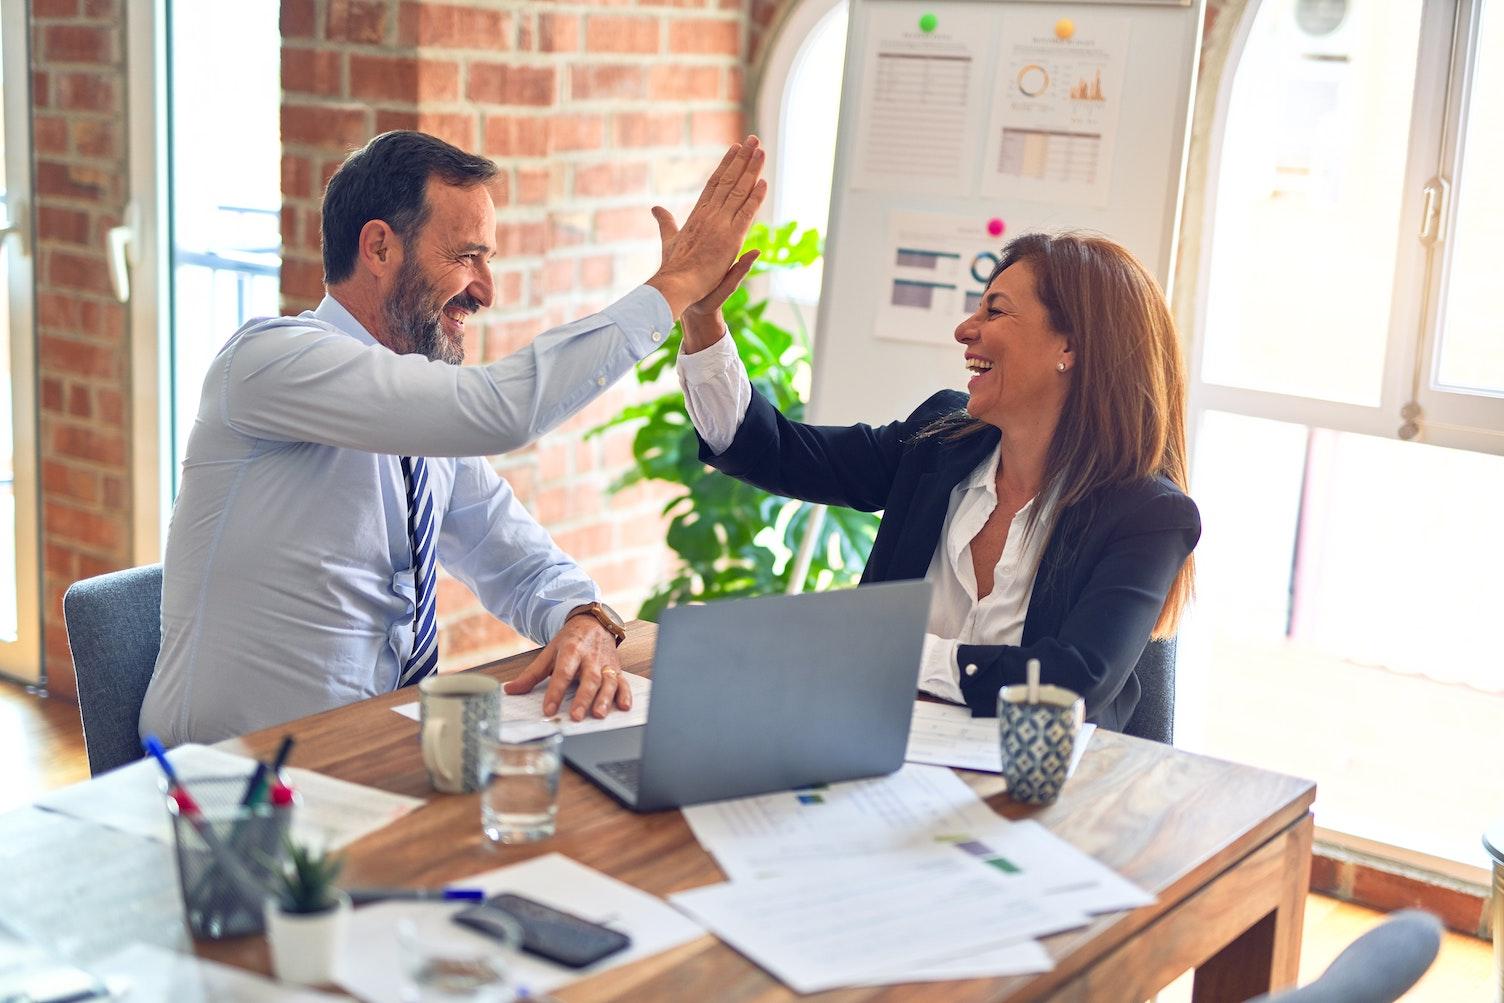 engagement-freelance